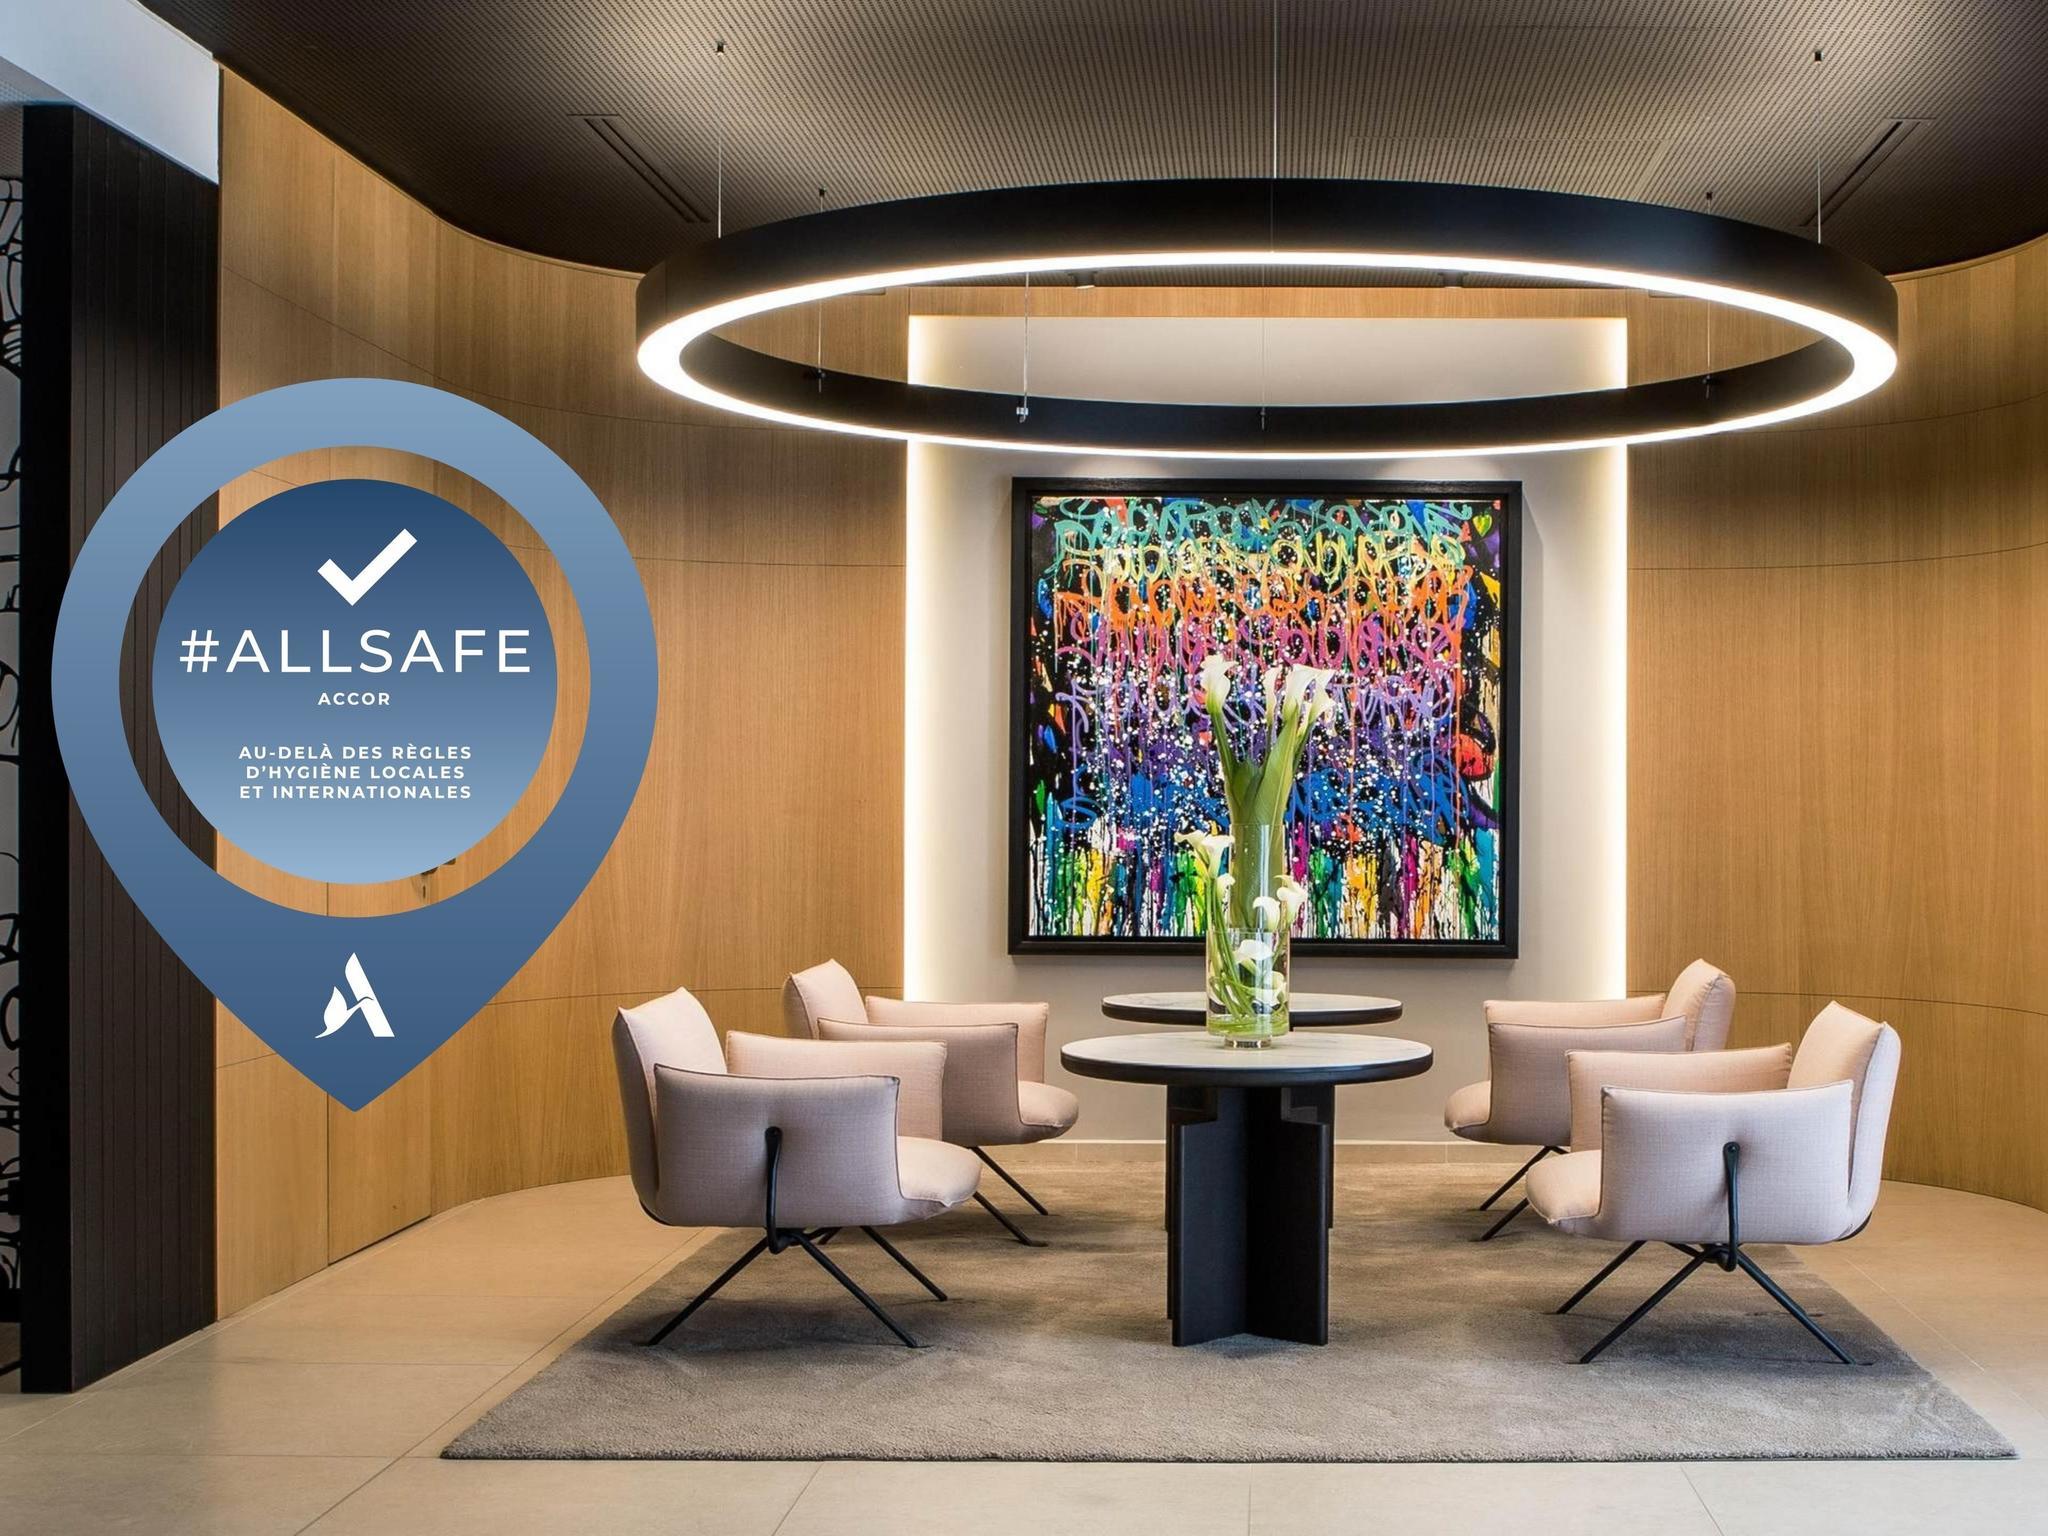 Hotel – Hotel Mercure Paris 17 Batignolles (inauguração em maio de 2018)